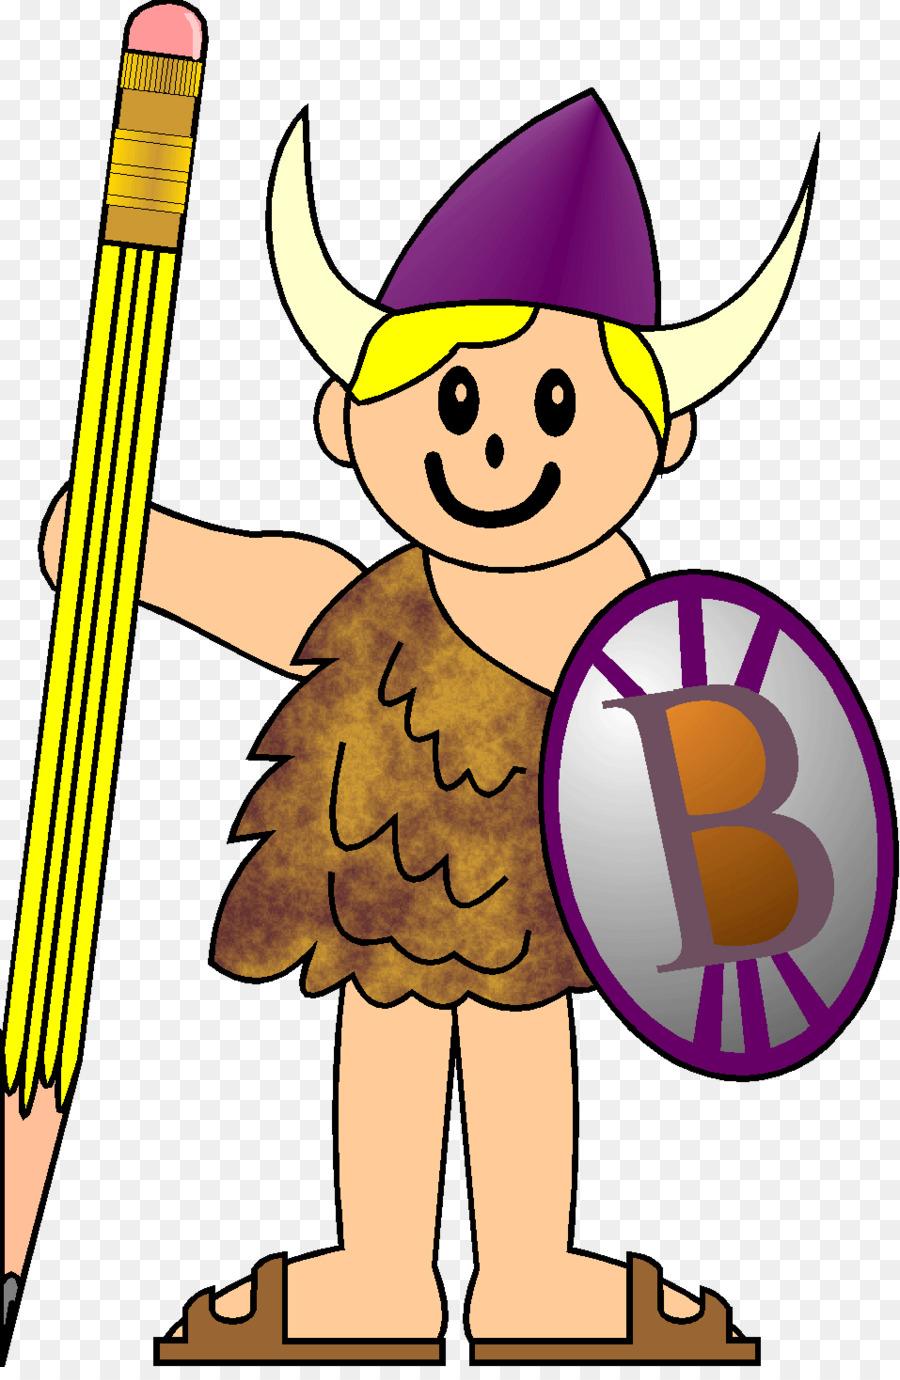 medium resolution of burleigh elementary school clipart burleigh elementary school clip art